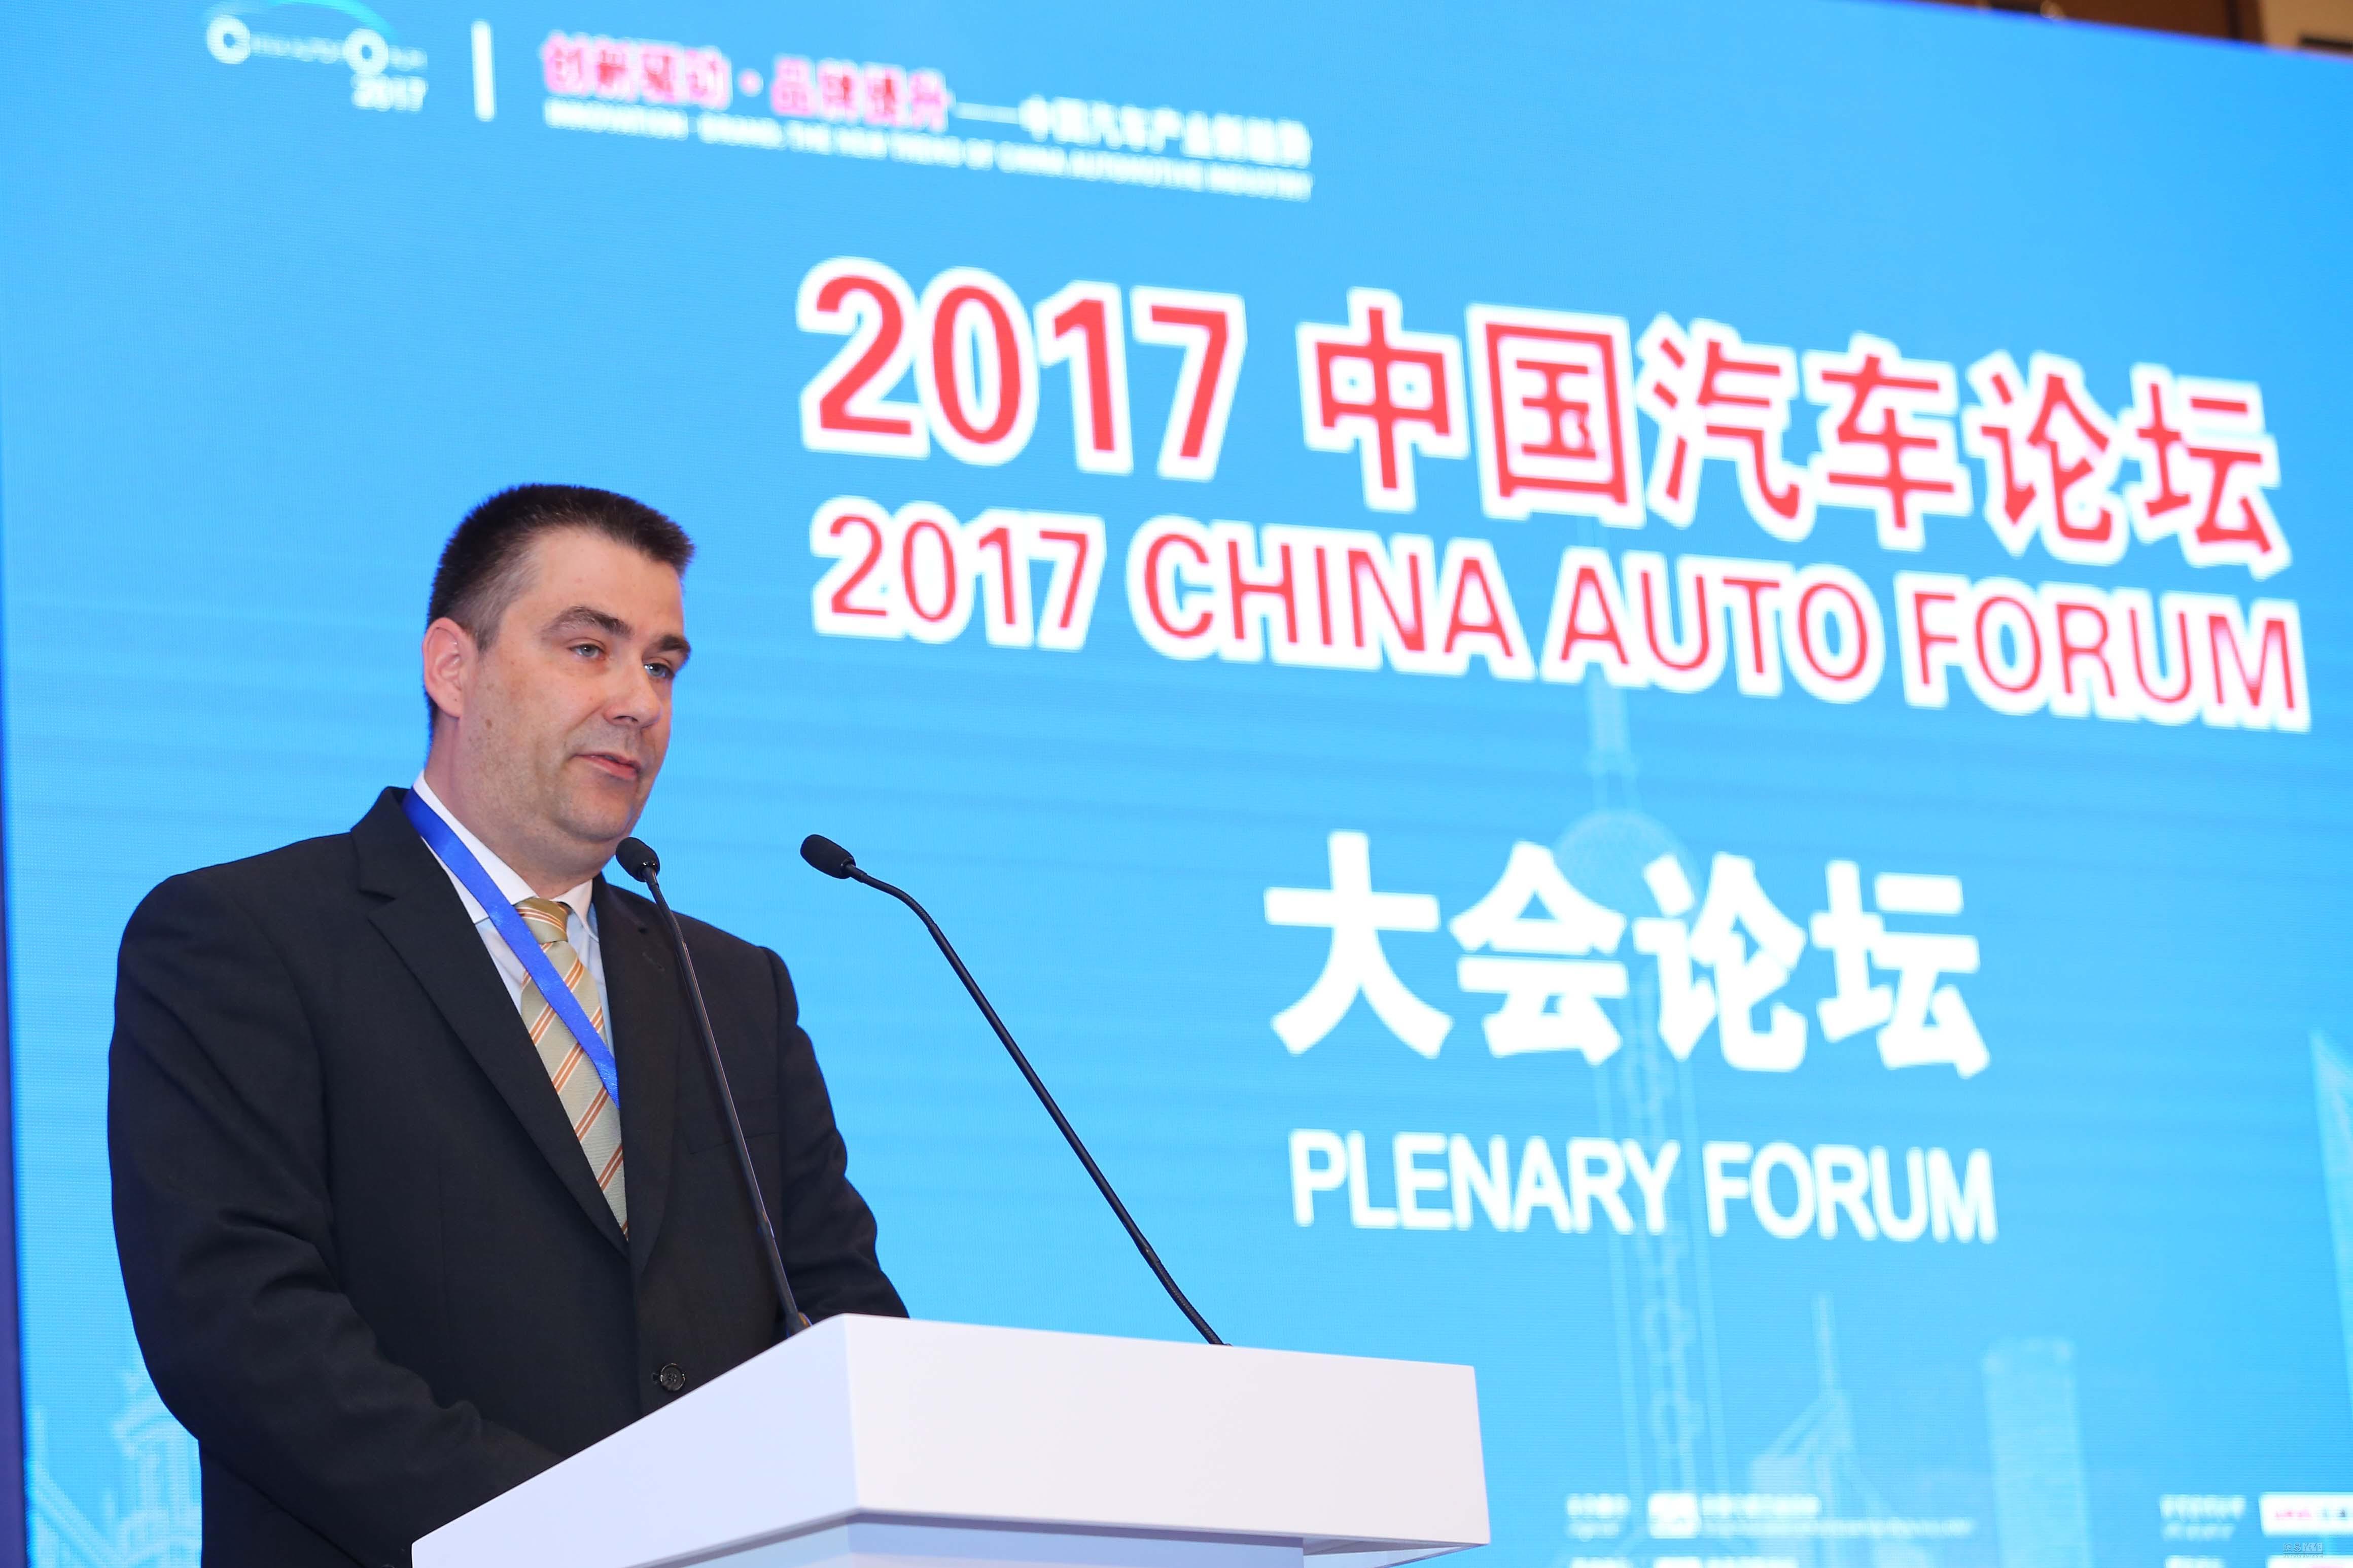 慕容特:未来中国汽车市场规模将是德国7倍